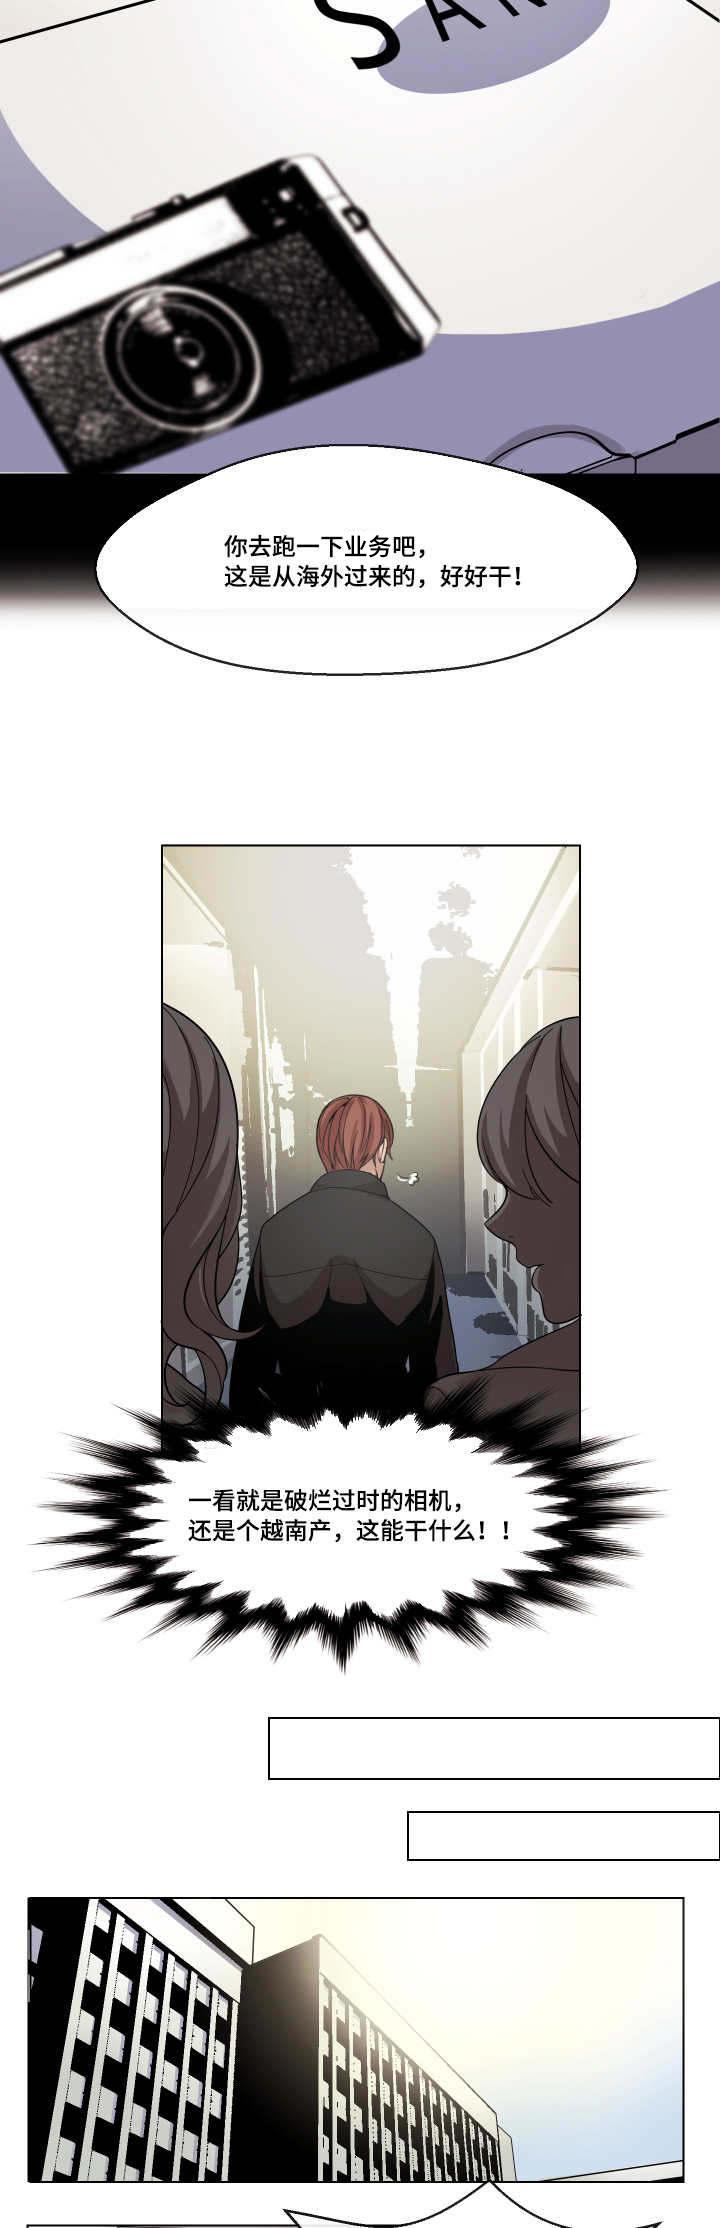 耽美彩虹漫画《低级推销》免费在线阅读